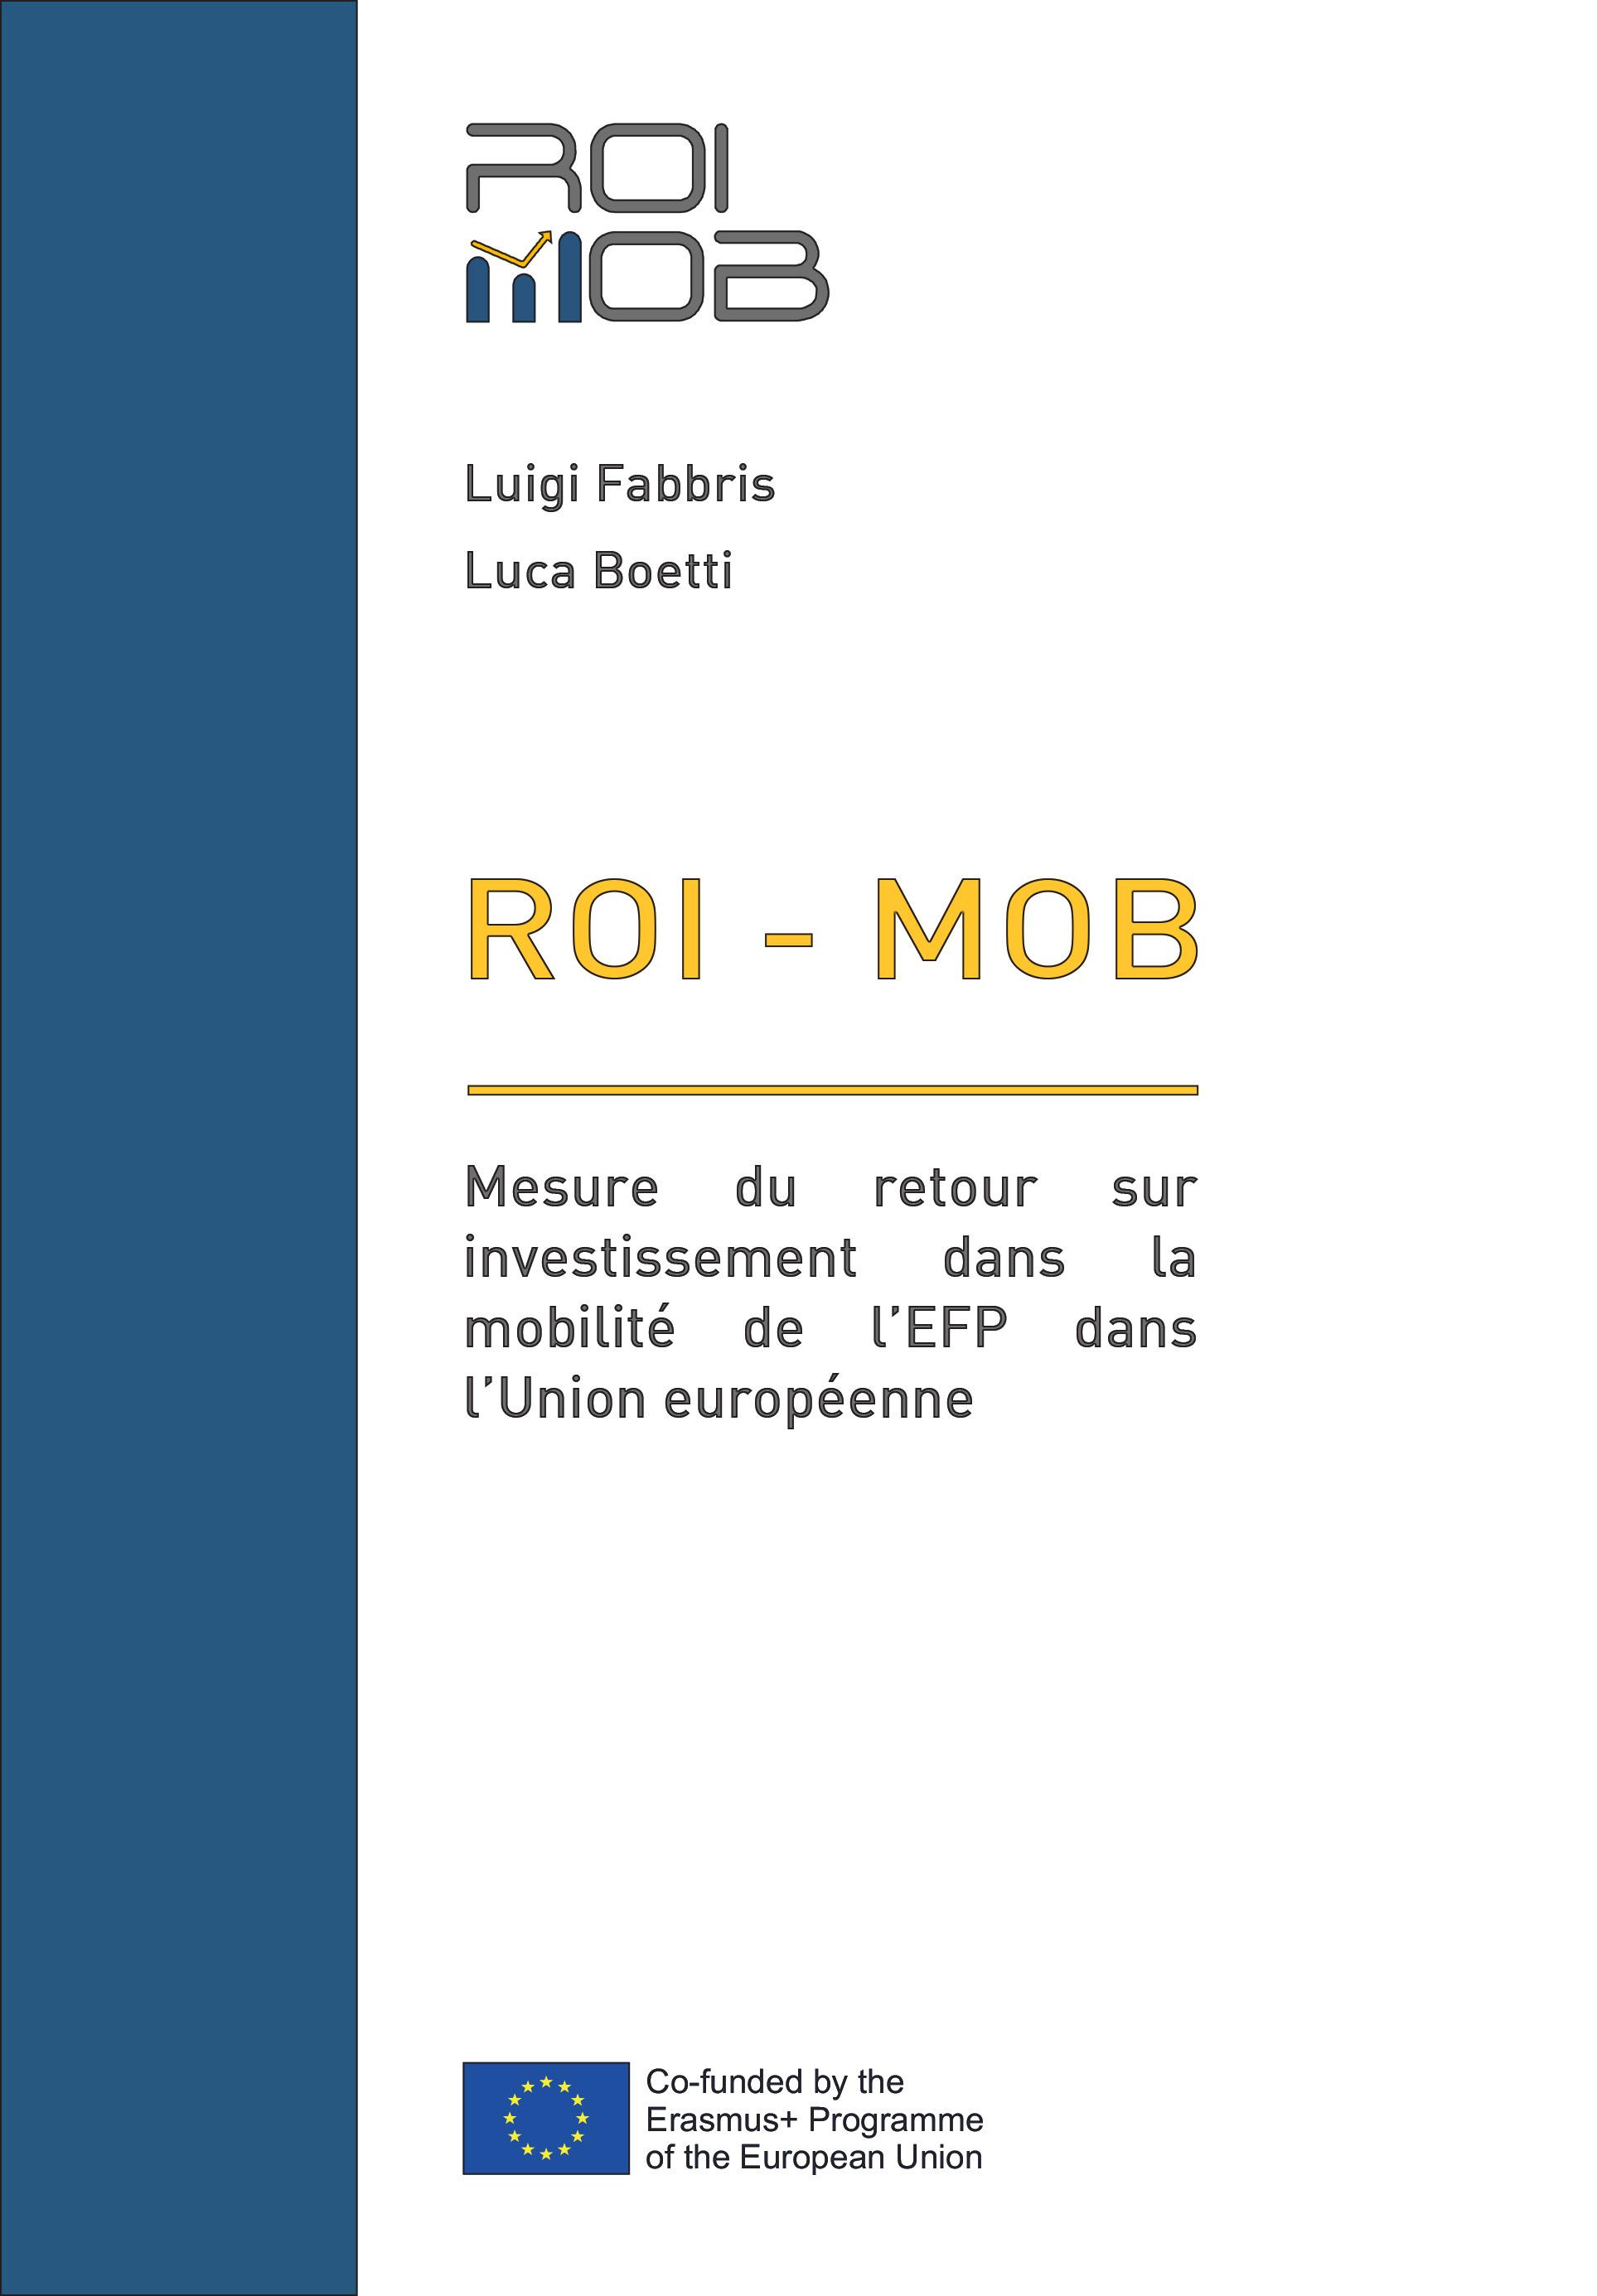 ROI - MOB